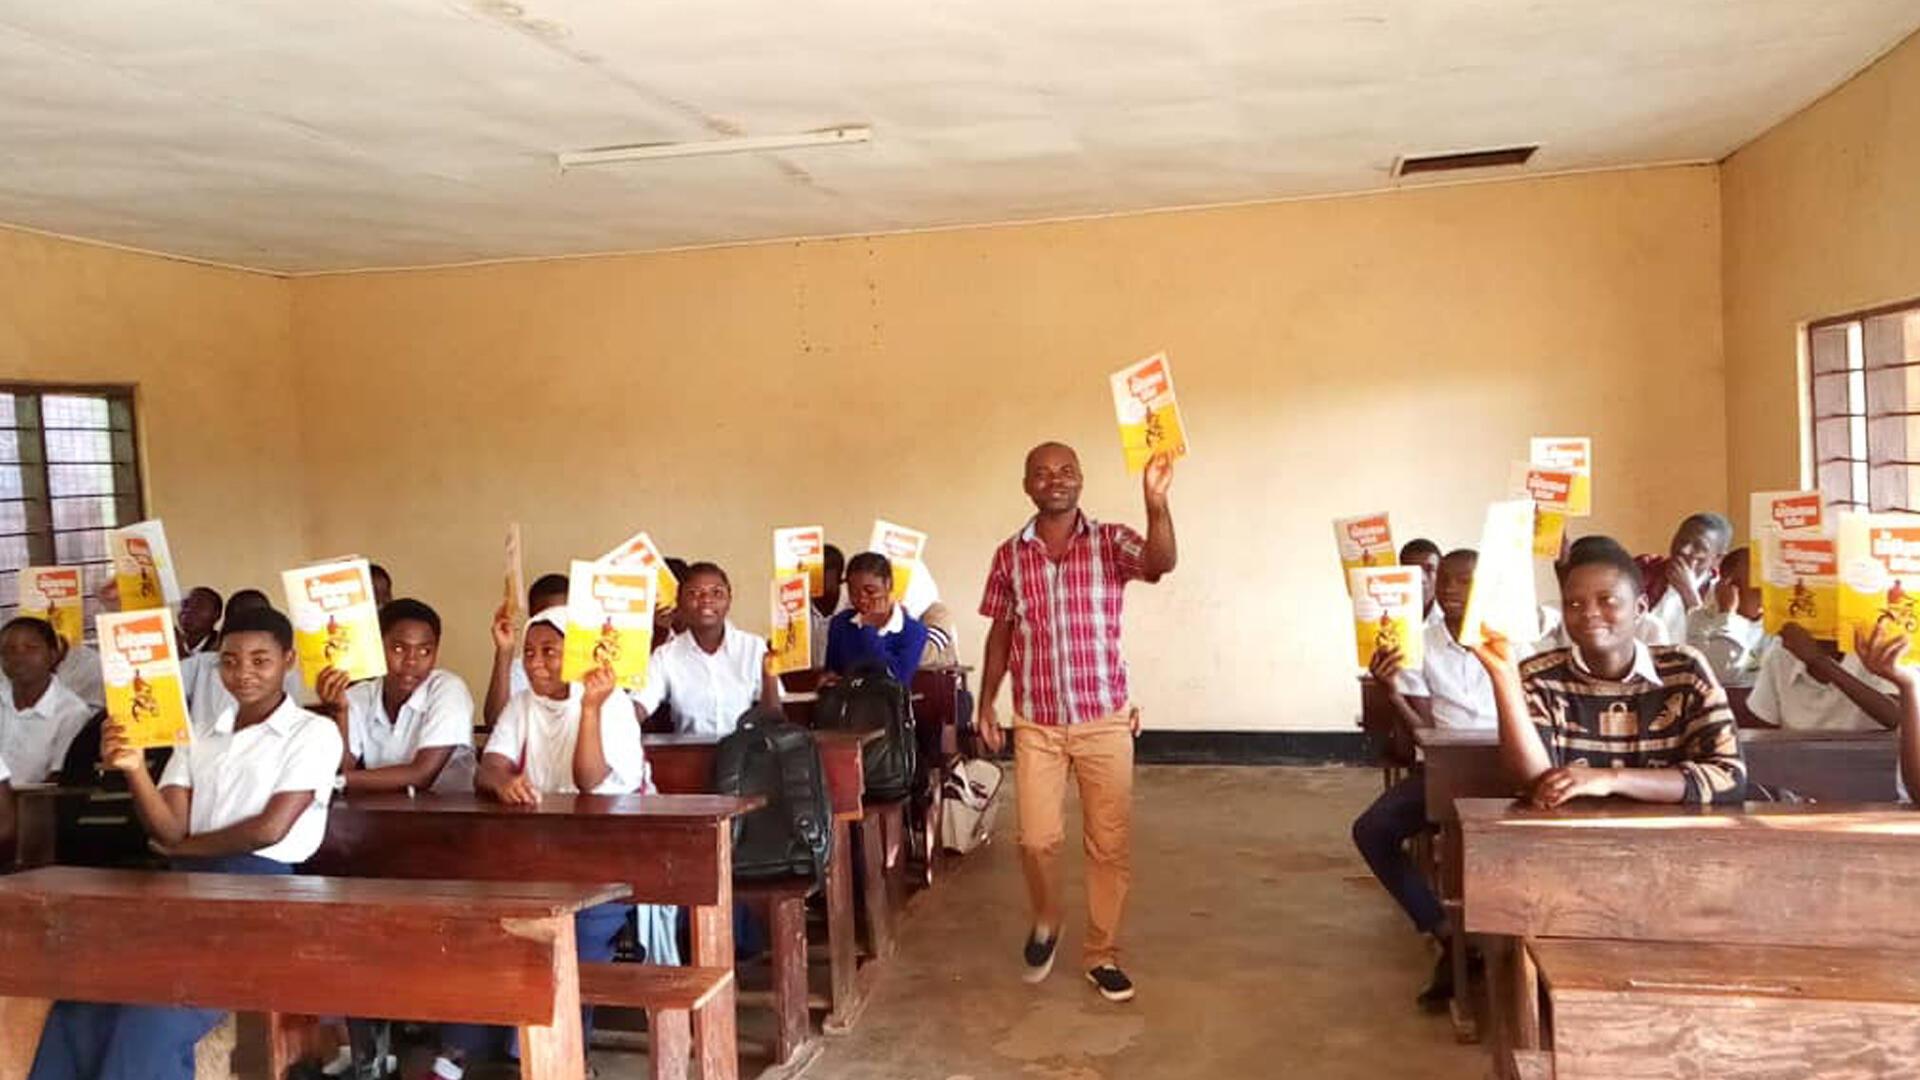 Club RFI - Alain Kiséna, enseignant formateur - ses élèves